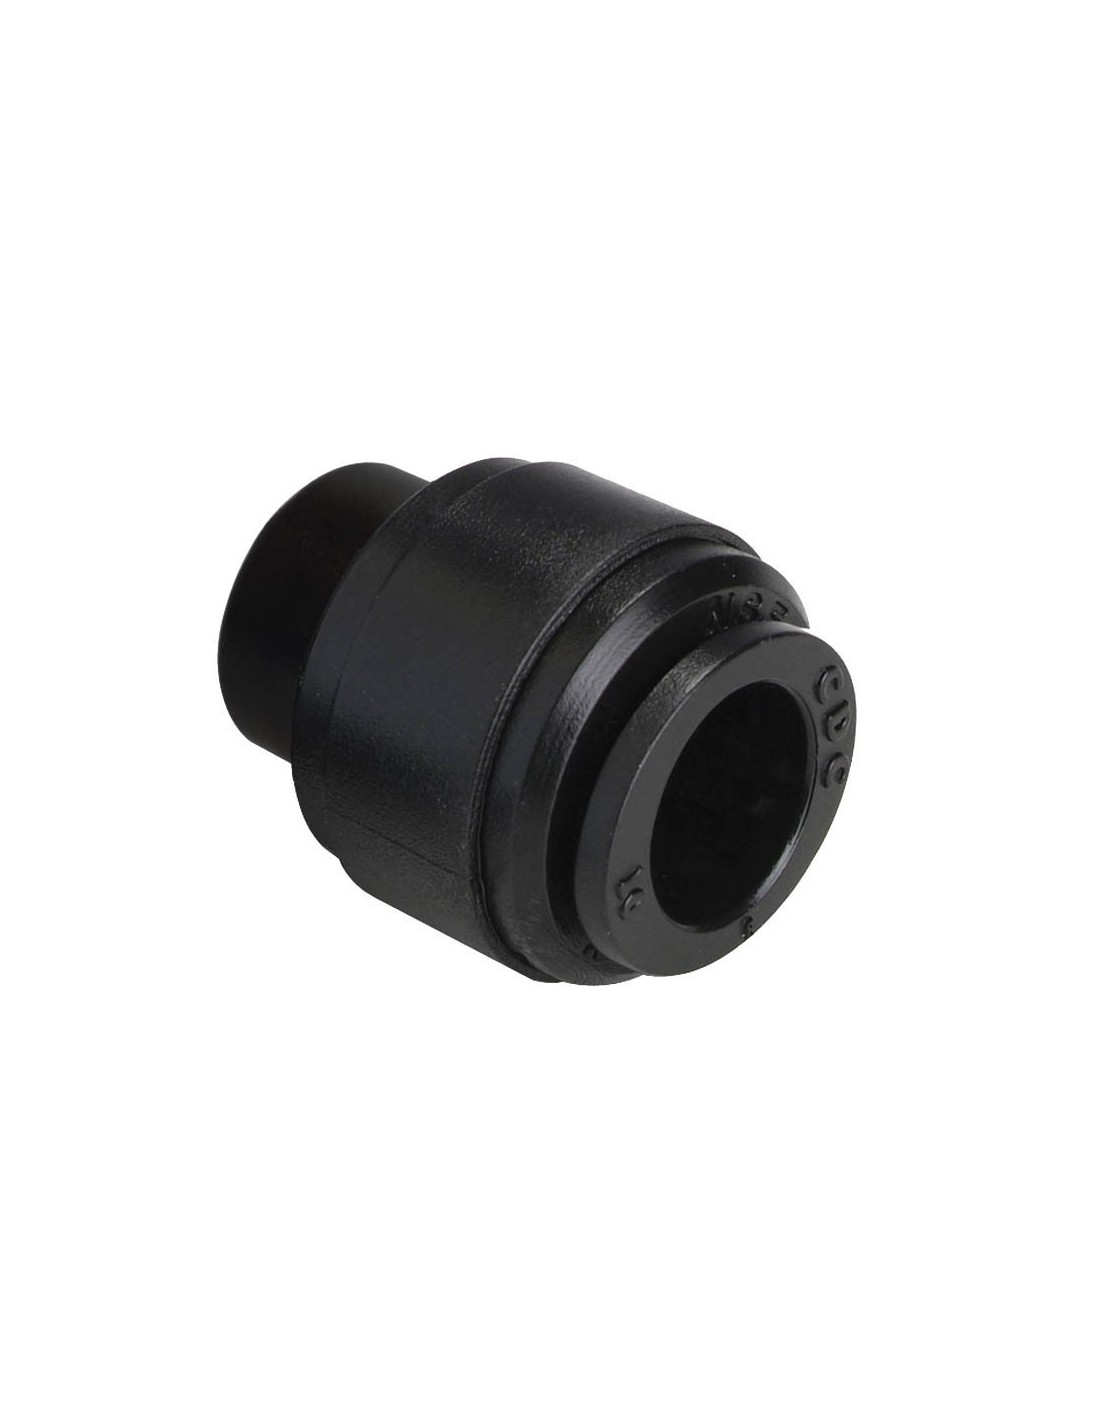 HPF-M - Pluggar och ändstopp - FluidFit HPF snabbkoppling ändstopp (mm)